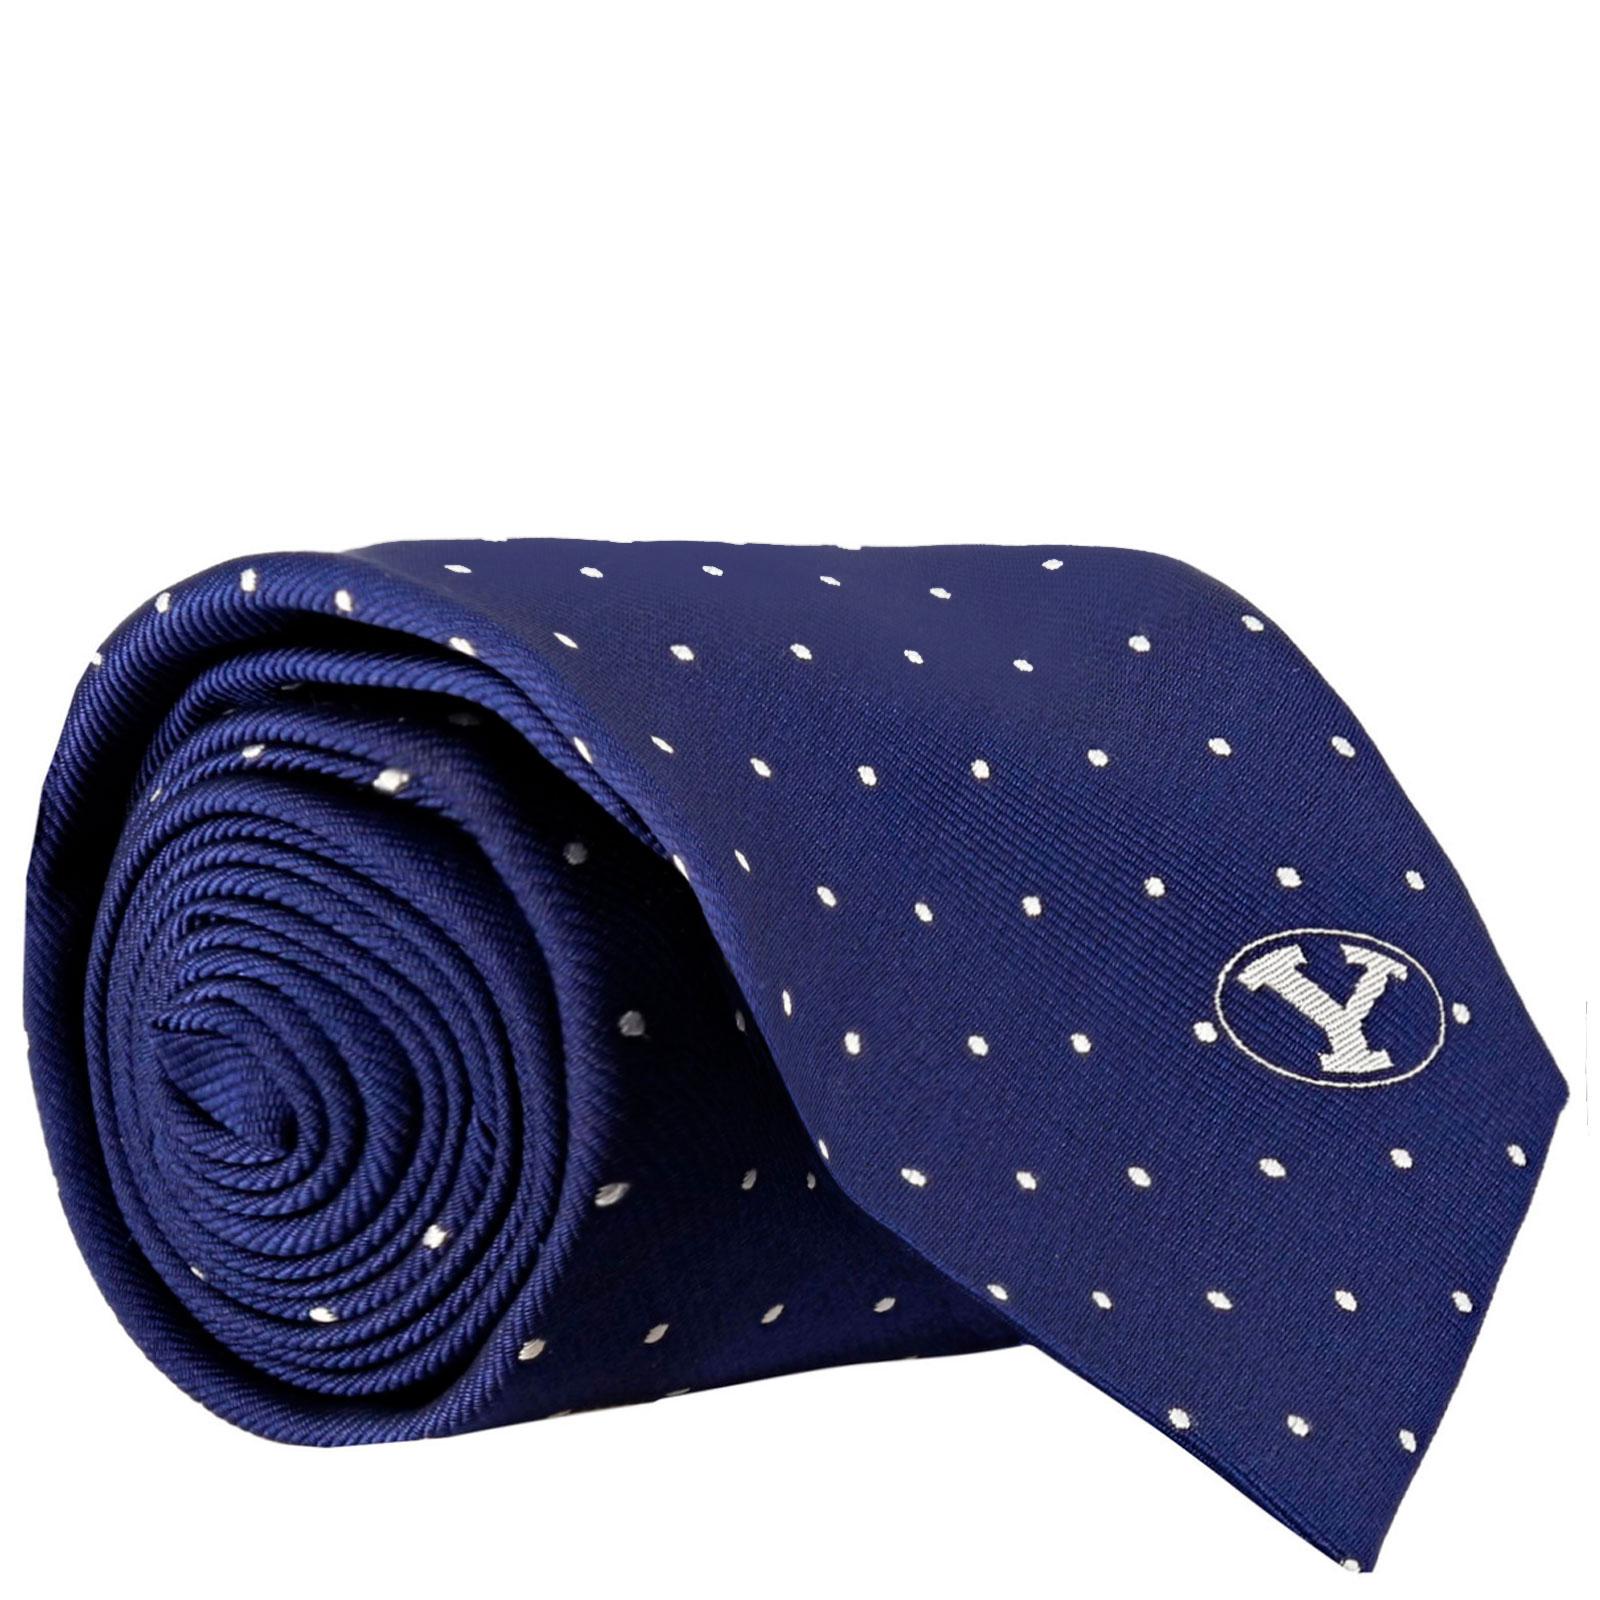 Oval Y Polka Dot BYU Silk Tie - BSC